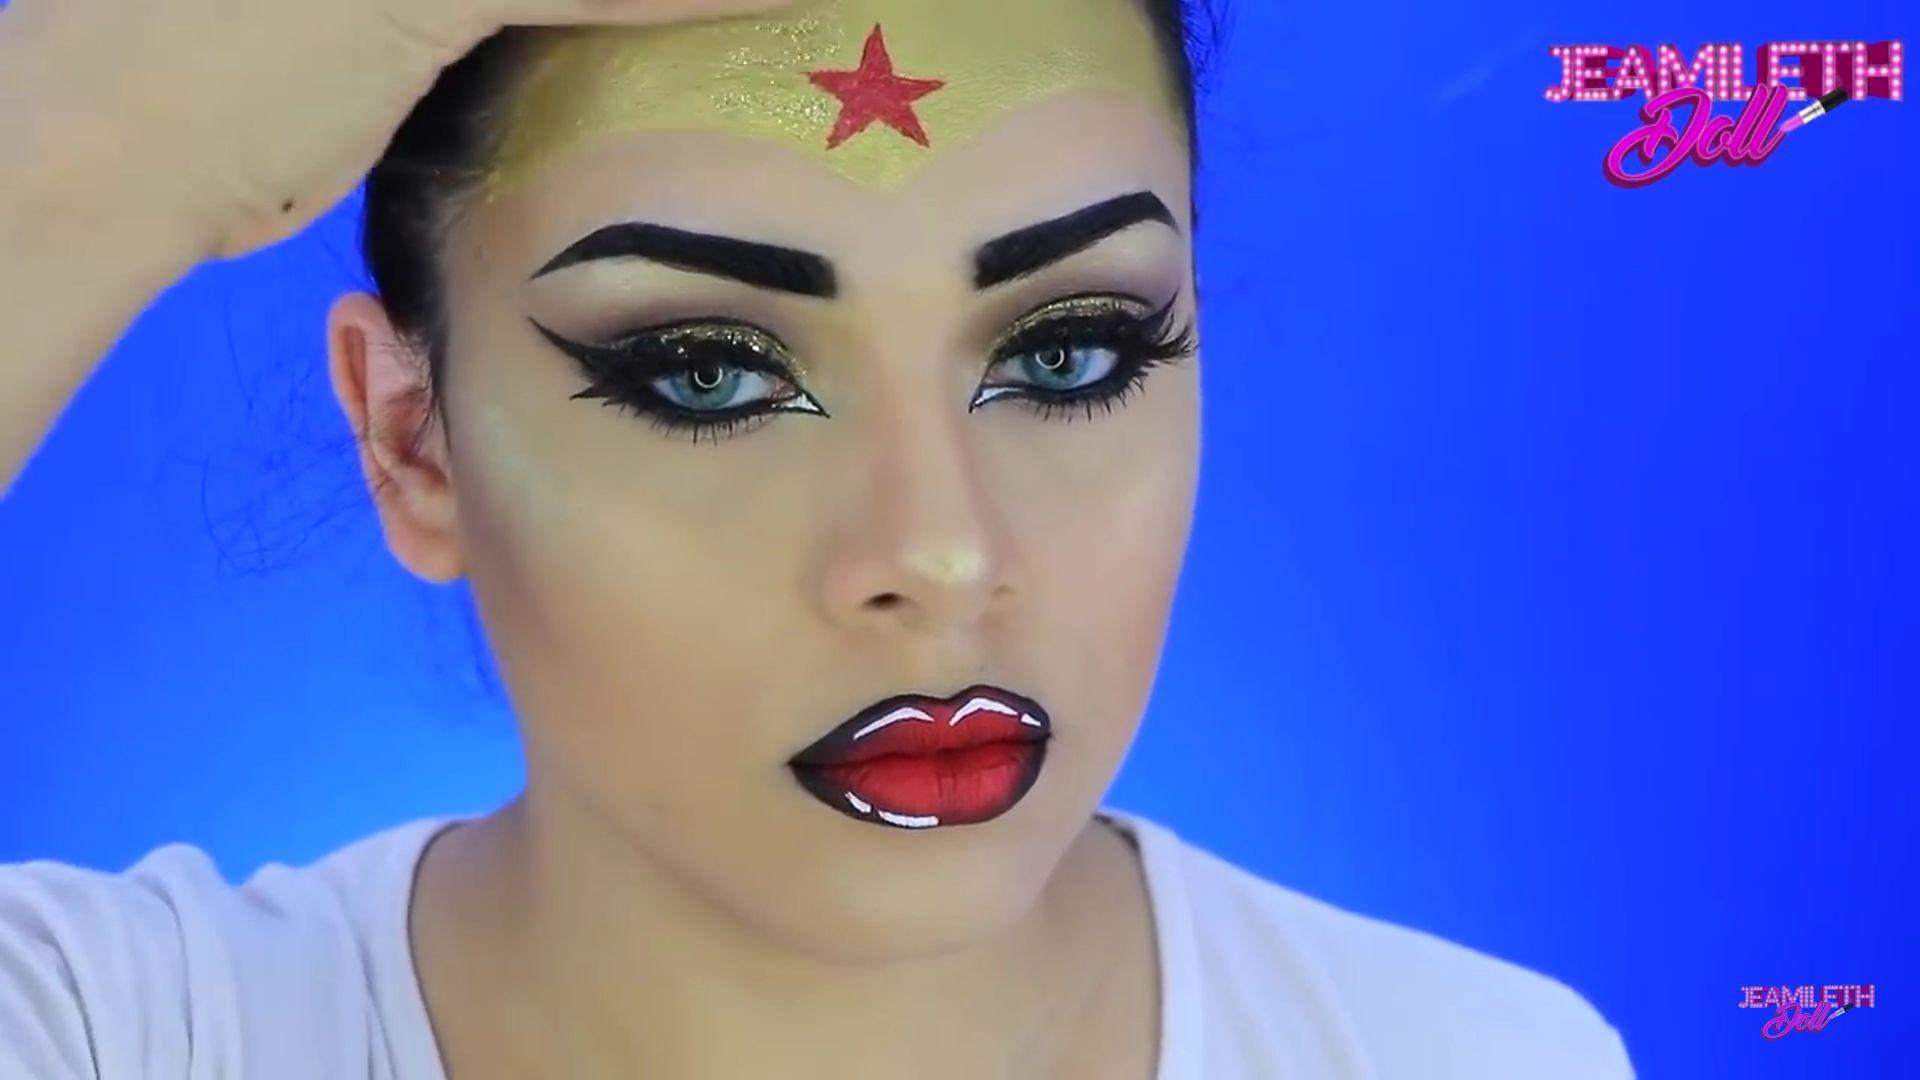 Maquíllate como la mujer maravilla pop art Doll 2020, diadema dorada con estrella